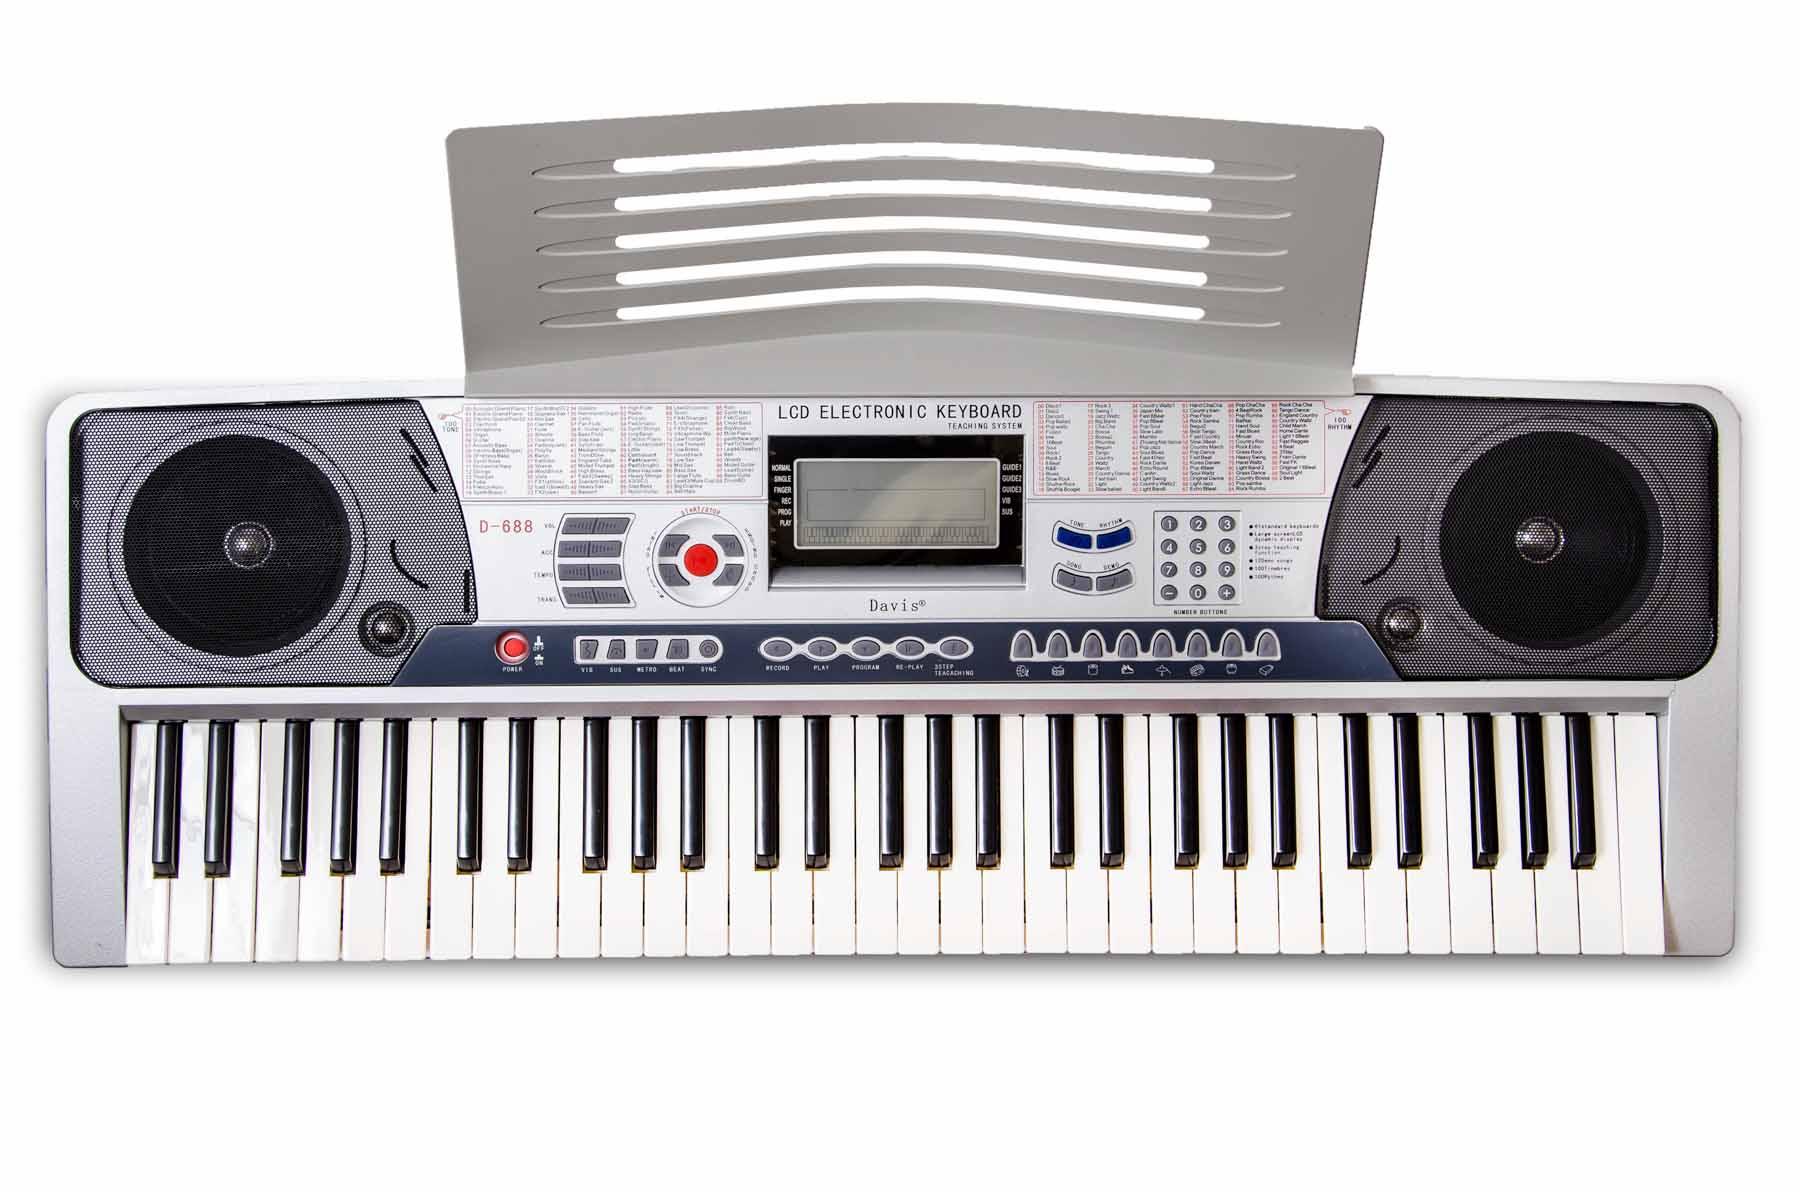 Davis Musical Instruments-D-688_1